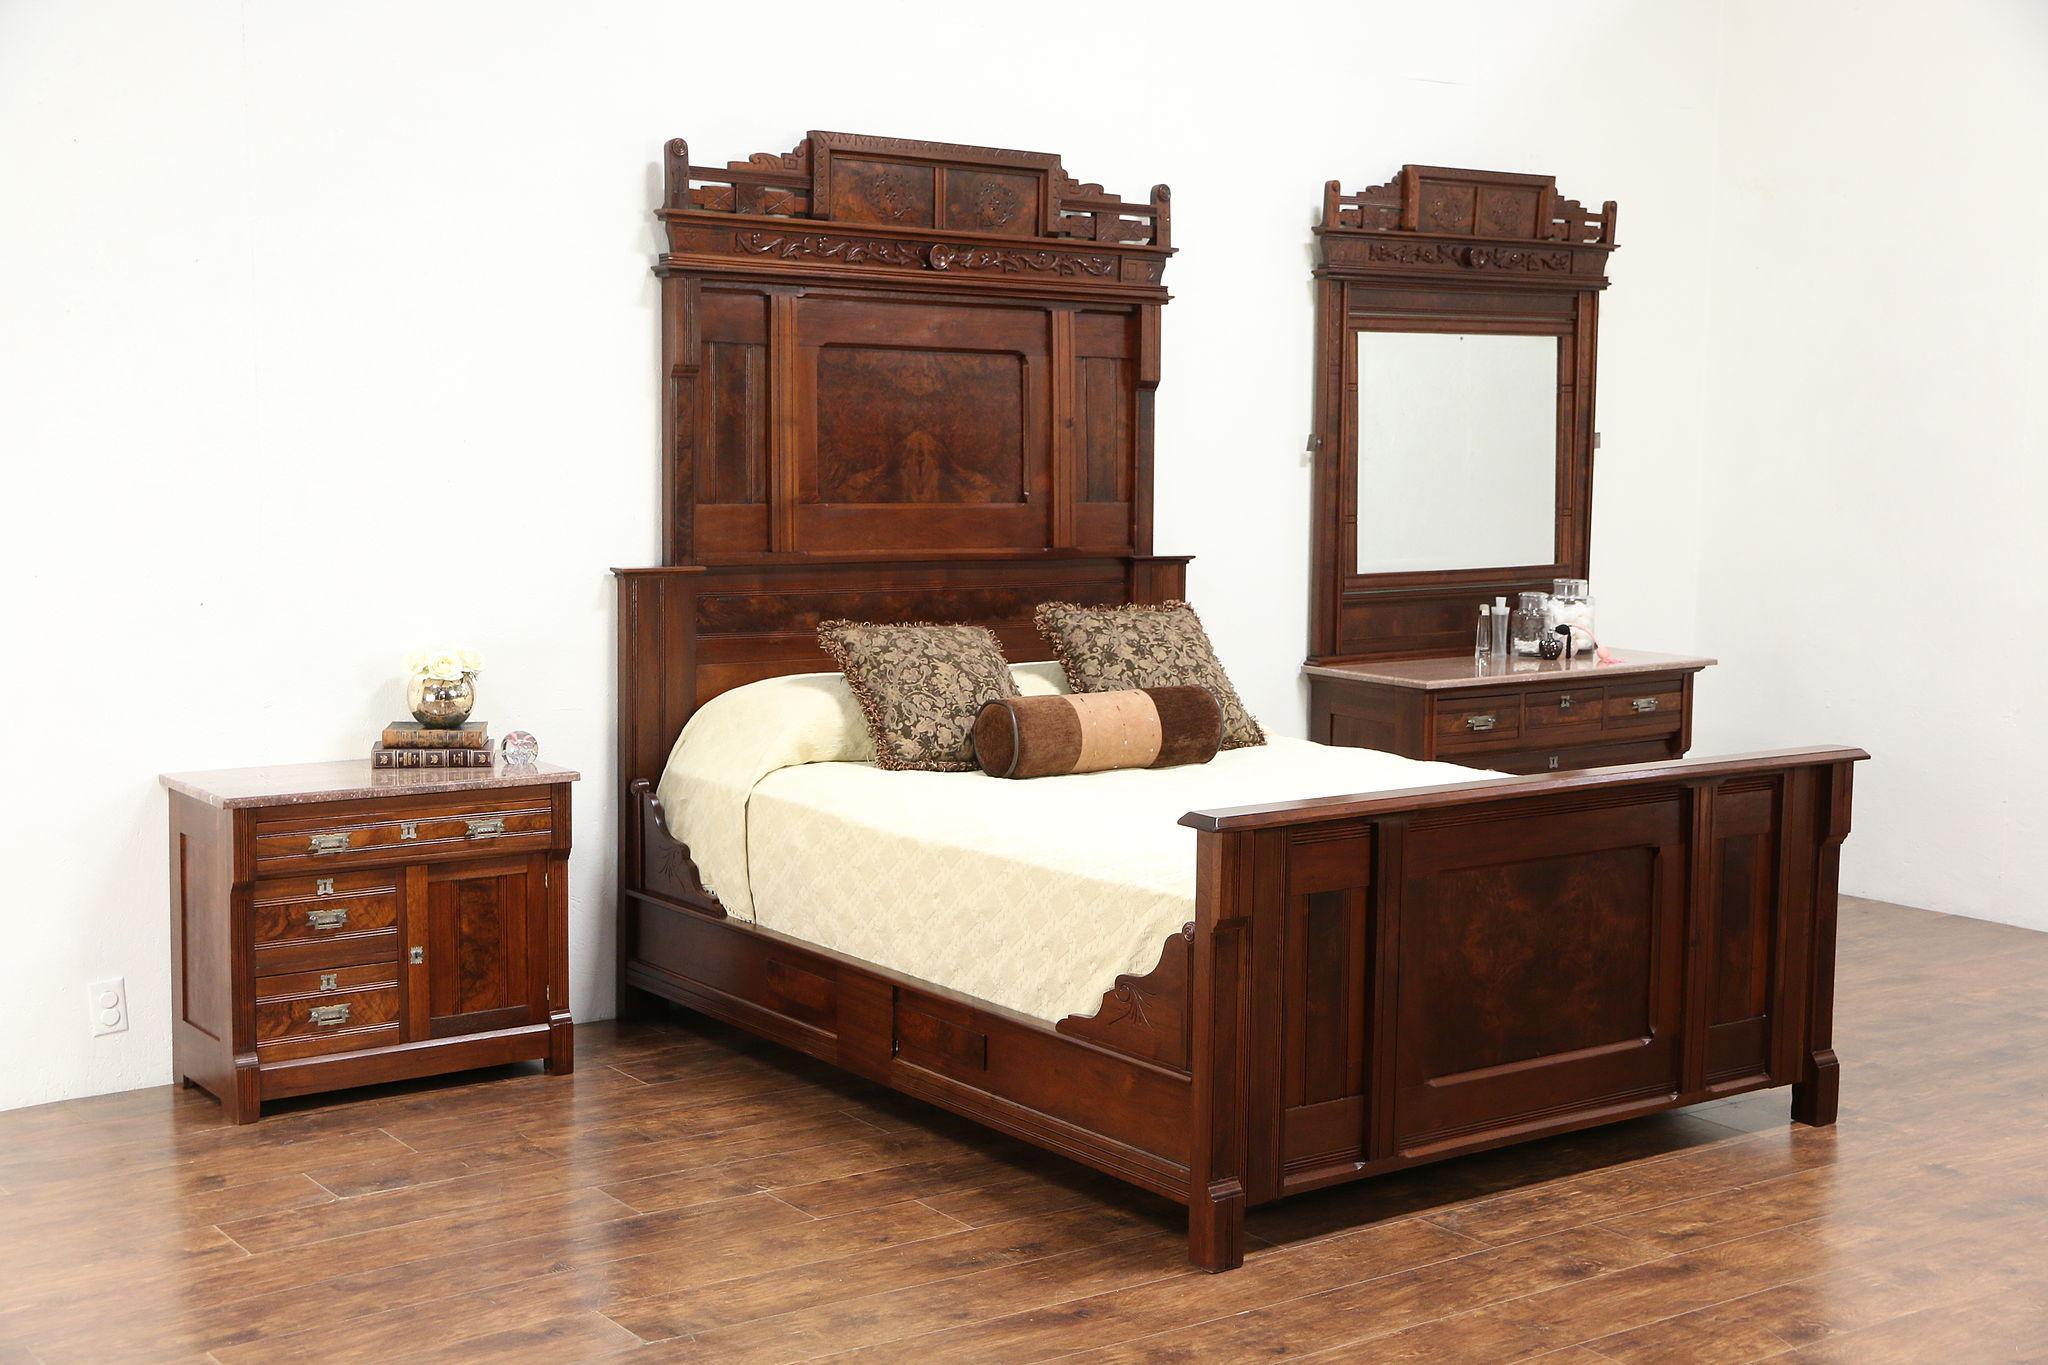 walnut bedroom set. Victorian Eastlake Antique 3 Pc Queen Size Walnut Bedroom Set  Marble